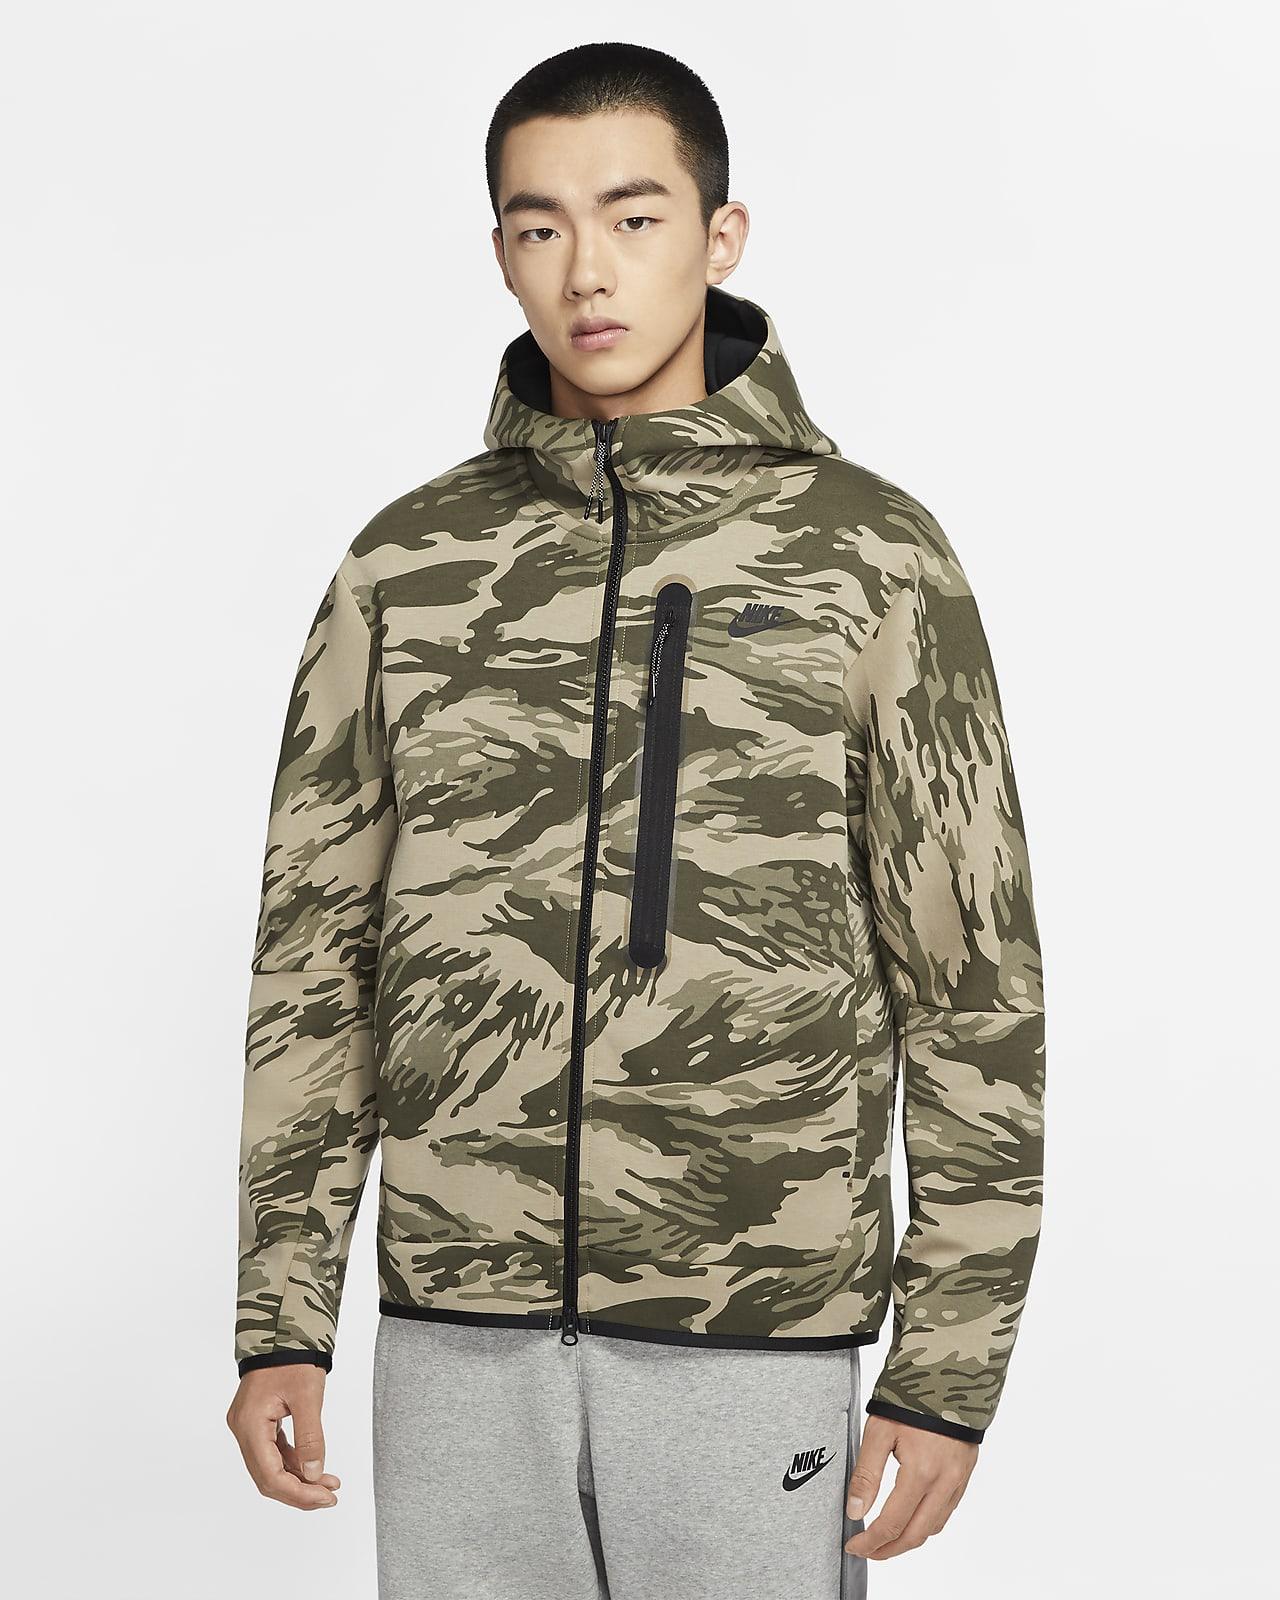 เสื้อมีฮู้ดซิปยาวผู้ชาย Nike Sportswear Tech Fleece